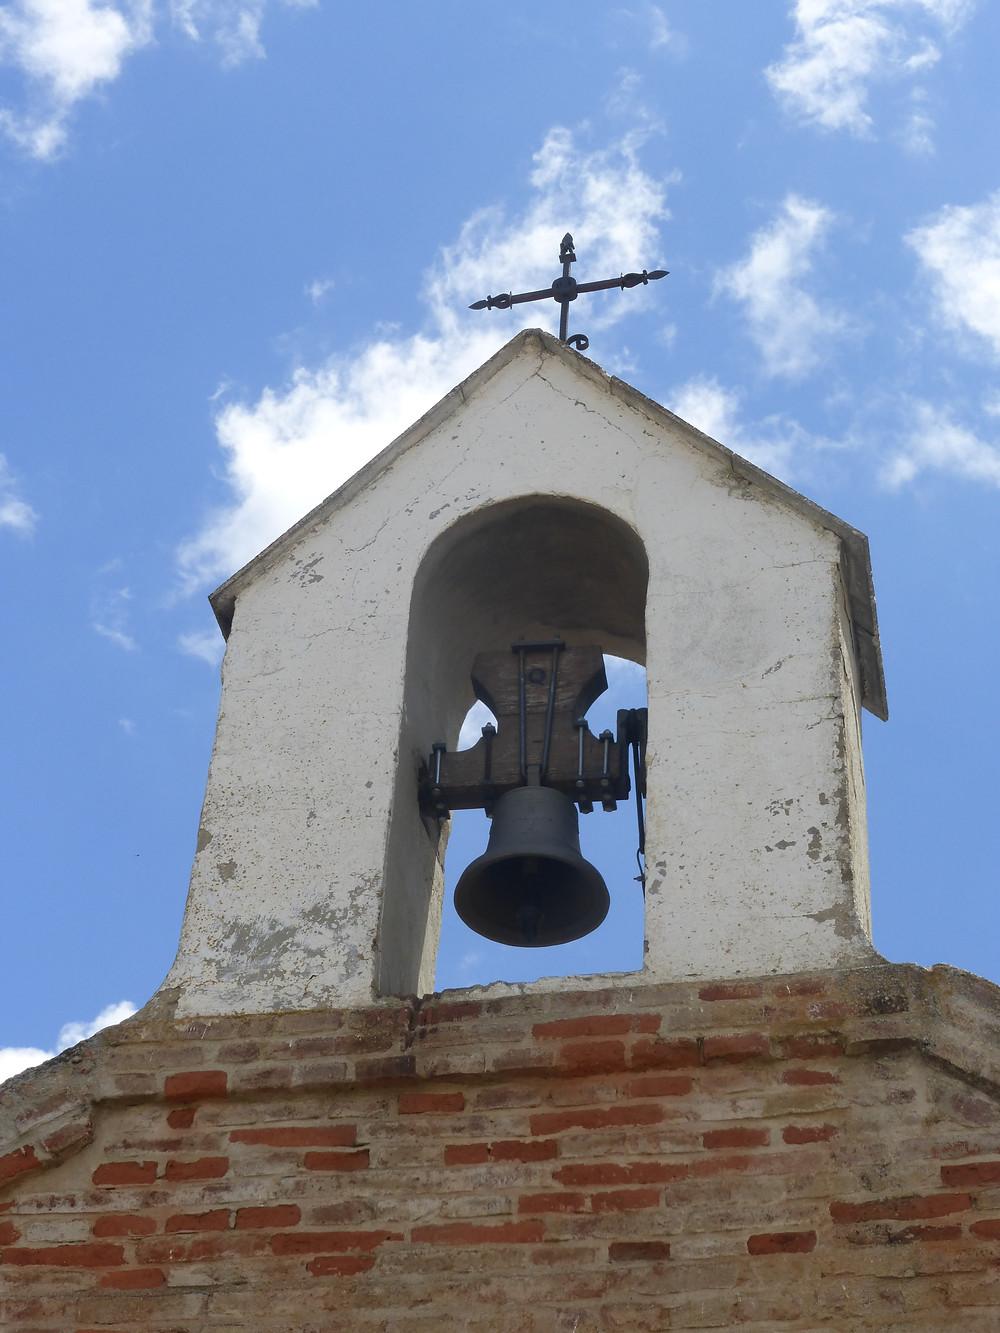 Camino Spain Church Bell